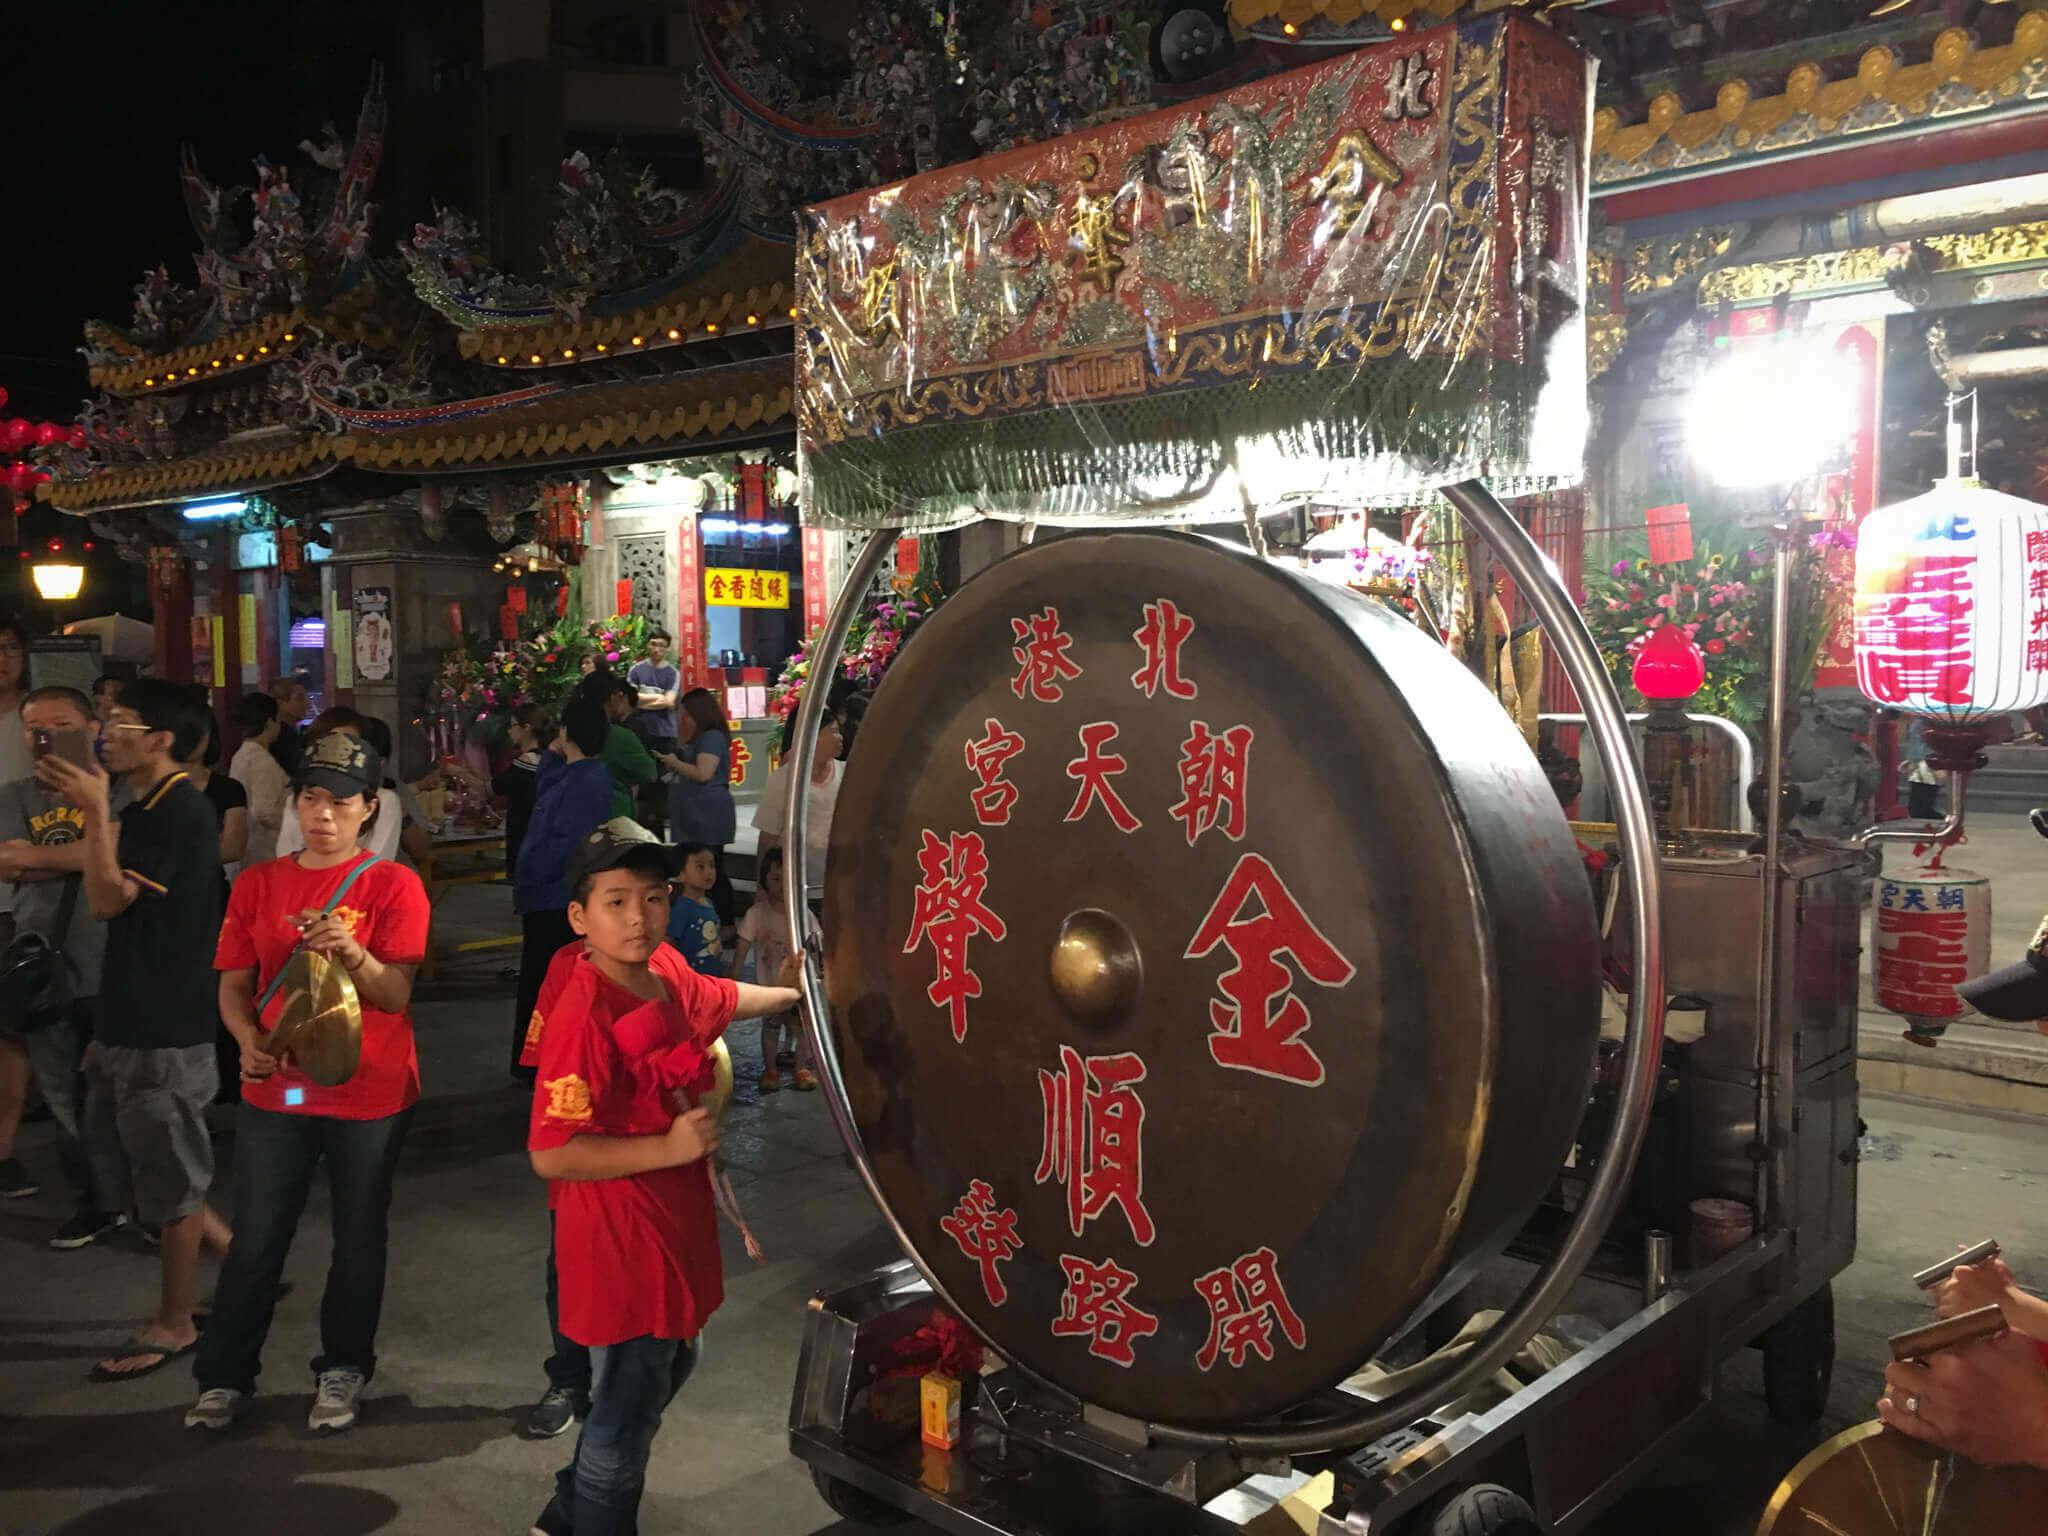 金聲順於 3月 19前晚先行起馬儀式(吳政賢 攝)